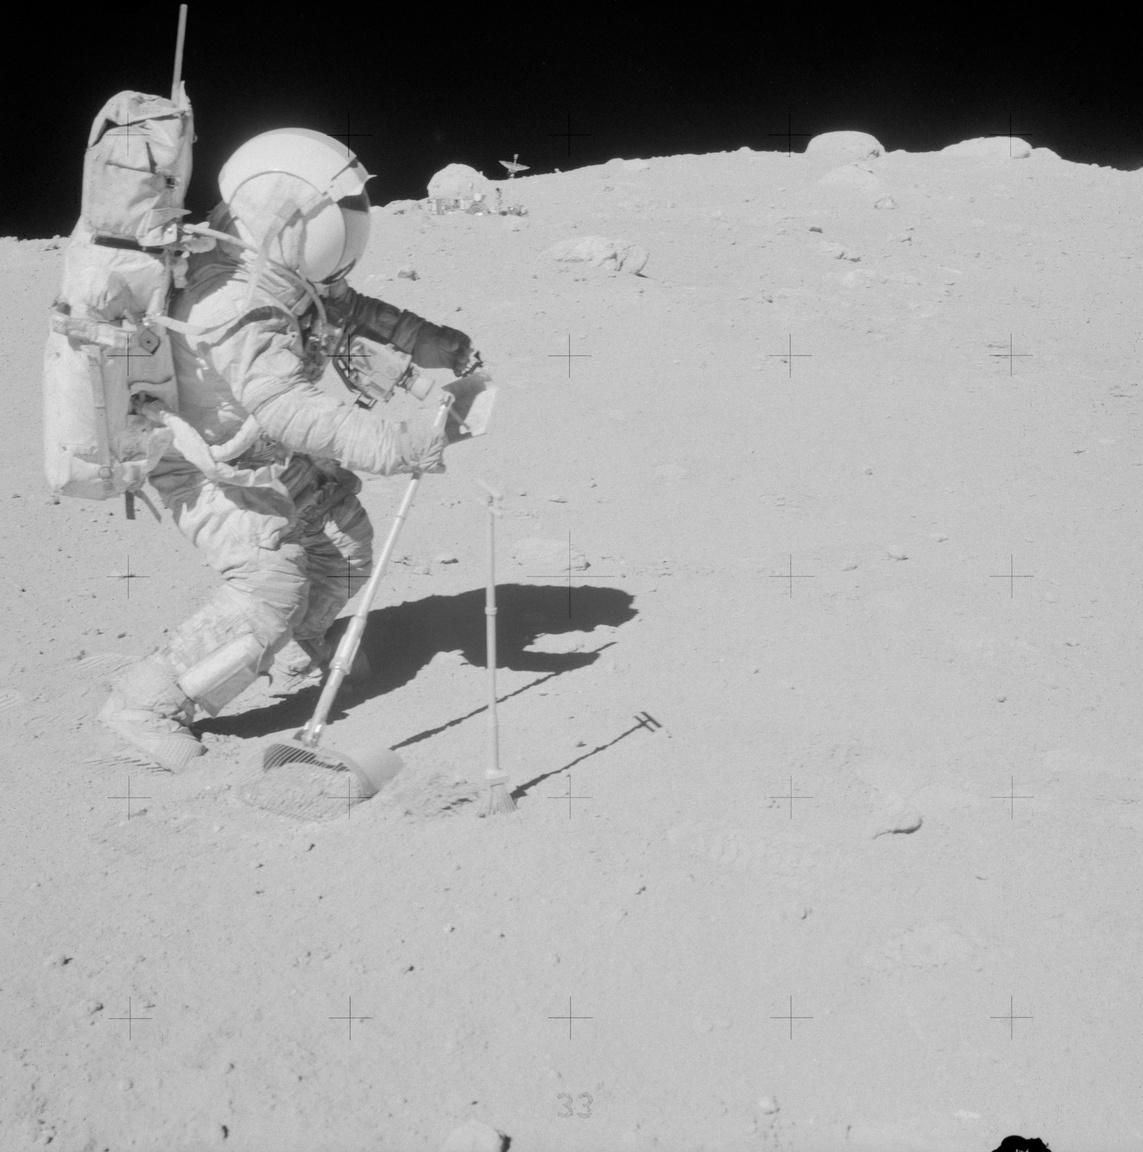 Kőzetmintákat gyűjt az Apollo-16 holdraszállásának parancsnoka, John W. Young. A képet Charlie Duke, a holdkomp pilótája készítette és azért különleges, mert a holdraszállást tagadók többek közt ezzel is próbálták igazukat bizonyítani. A háttérben egy szikla mellett látható holdjárót vizionálták űrbéli bázisként videójukban, pár nap alatt több százezres nézettséget generálva a hülyeséggel. Az esetről az Index is írt még 2018-ban.